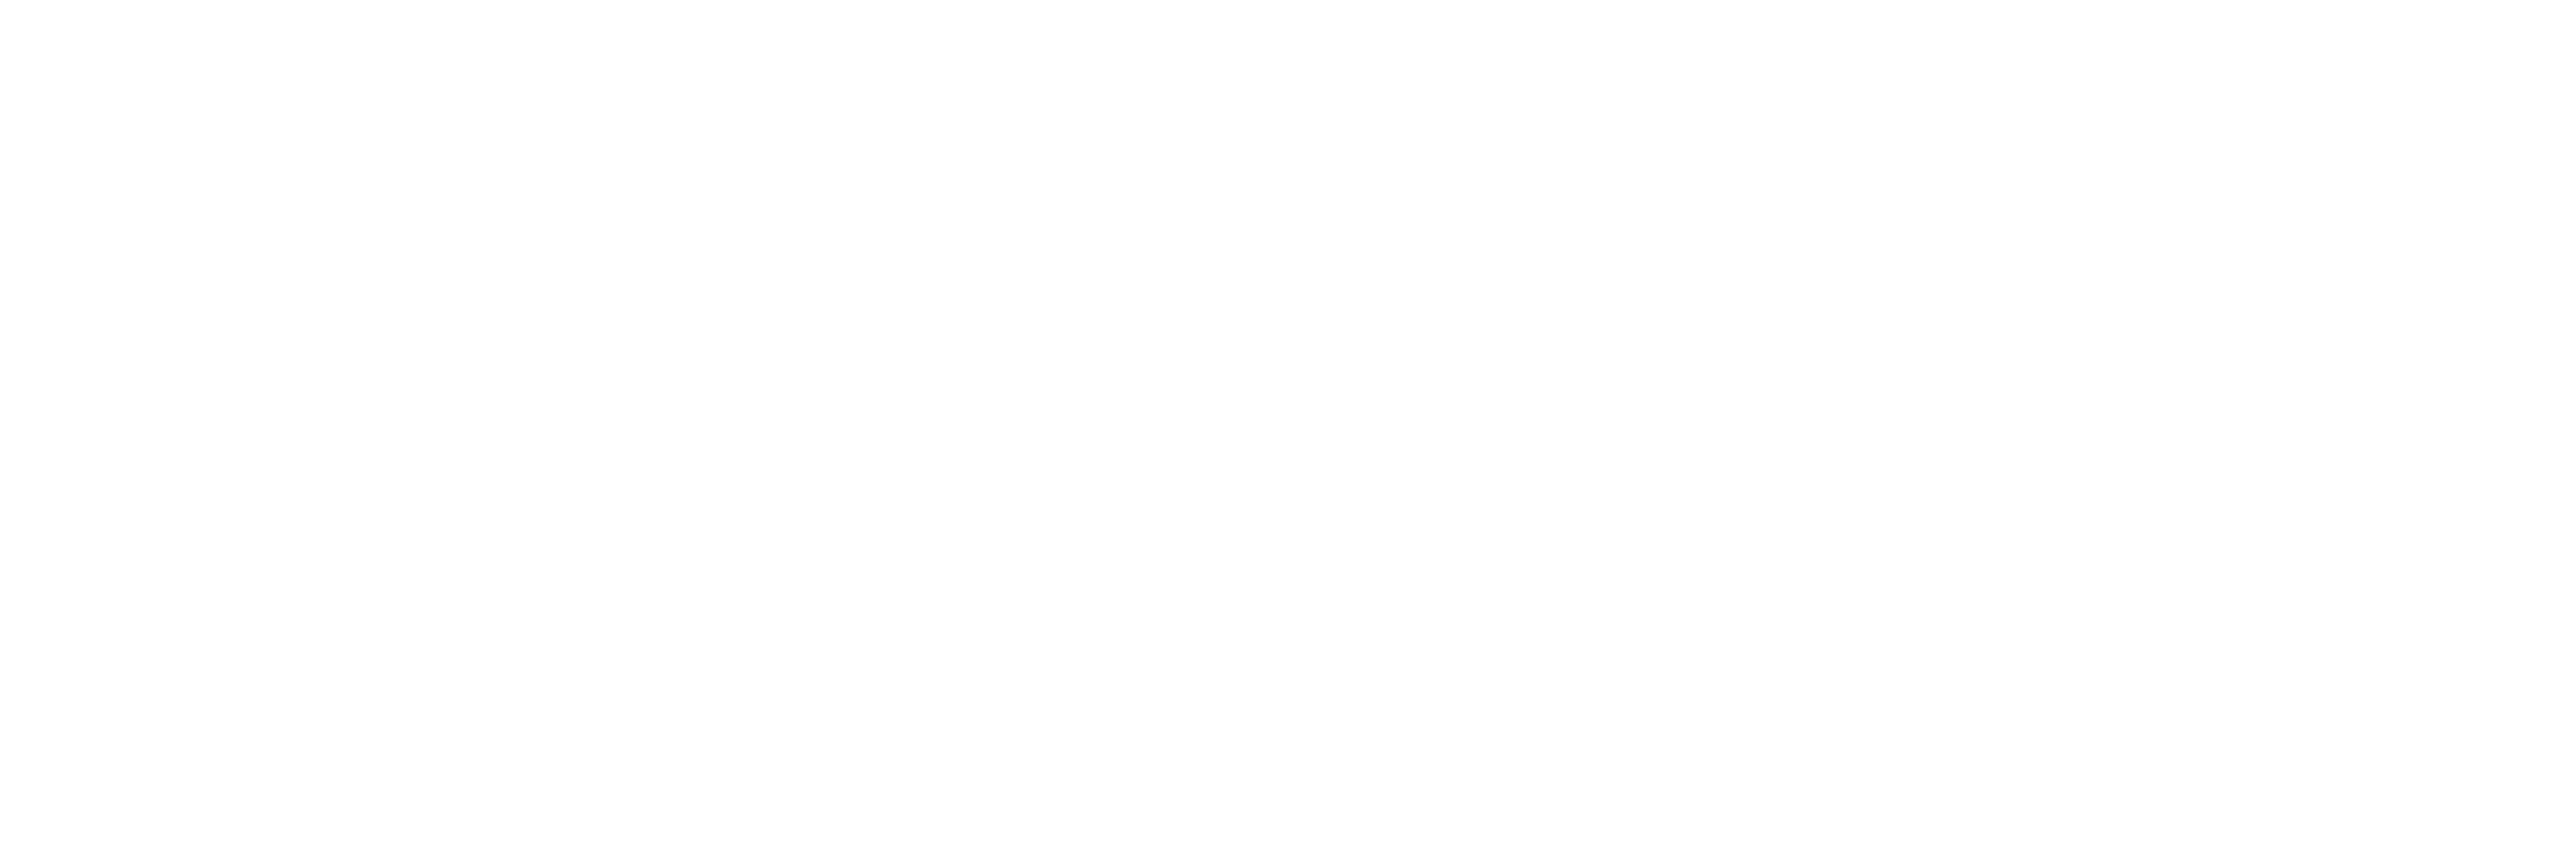 Unlimited Sports Center | Verein für Jugend und Sportförderung e.V. | Frankfurt am Main